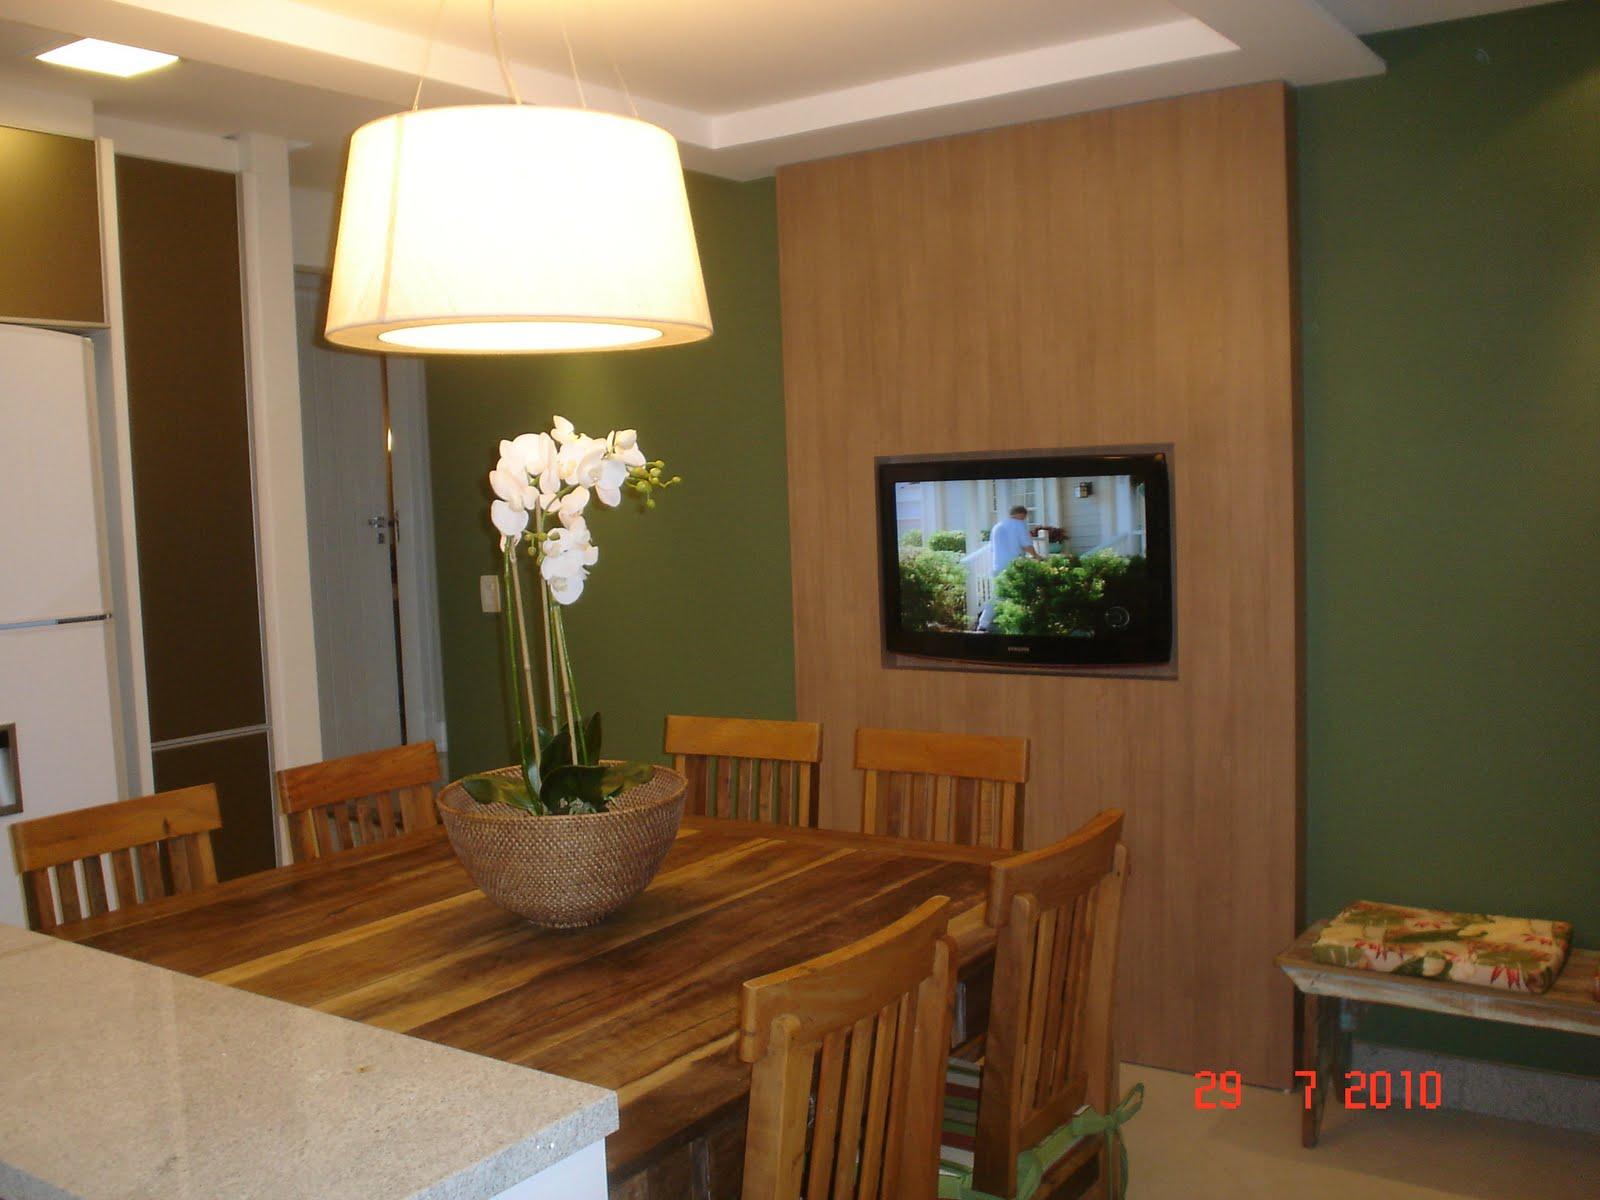 Destaque para o banco de madeira referência nas casas do interior. #6C4320 1600x1200